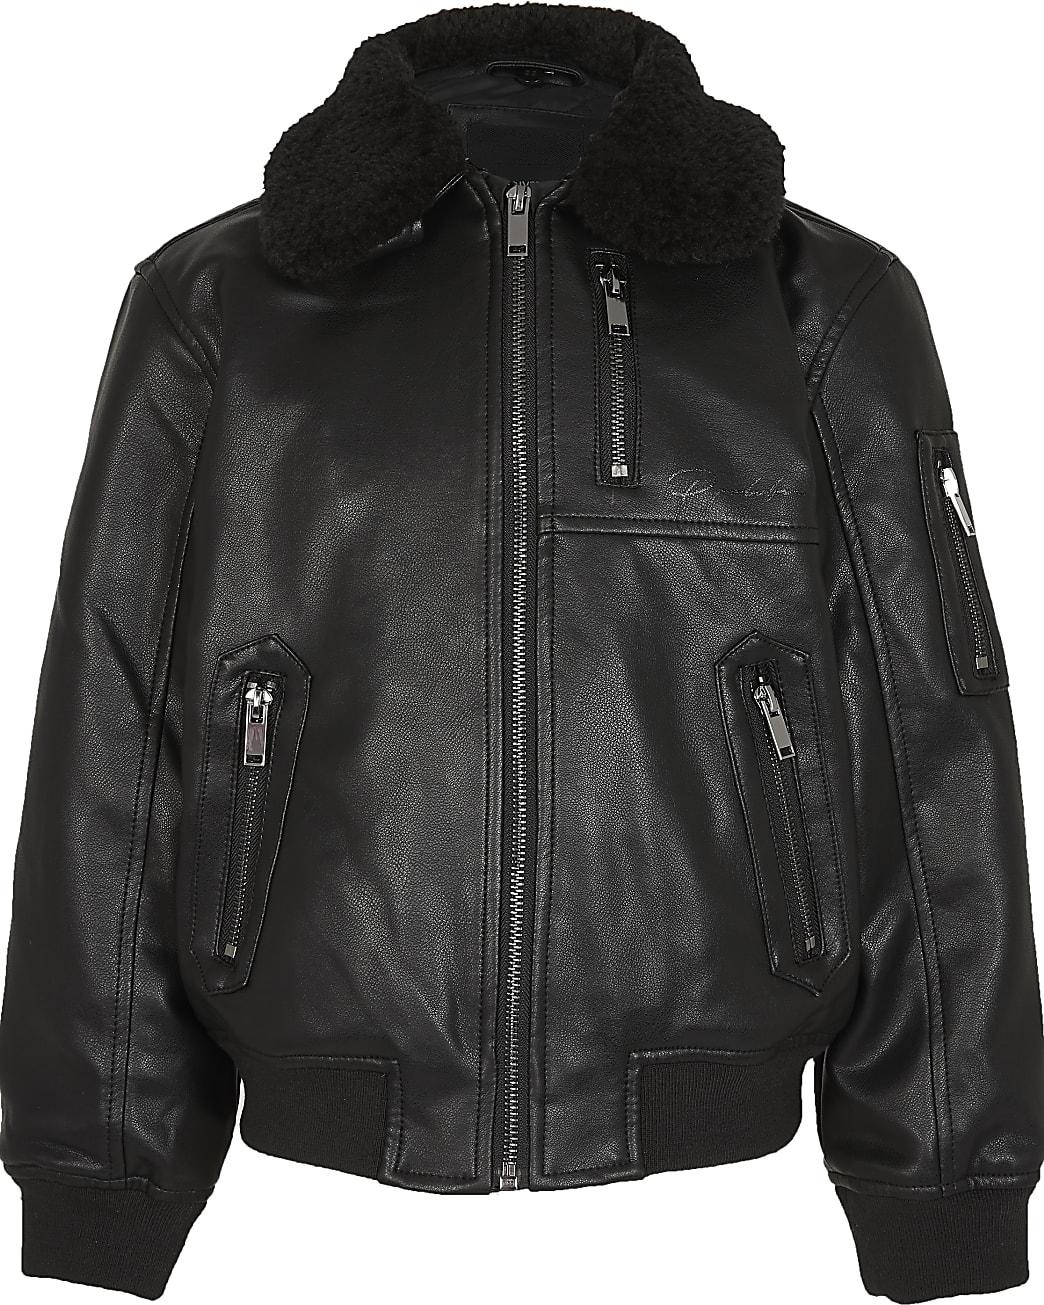 Boys black faux leather bomber jacket